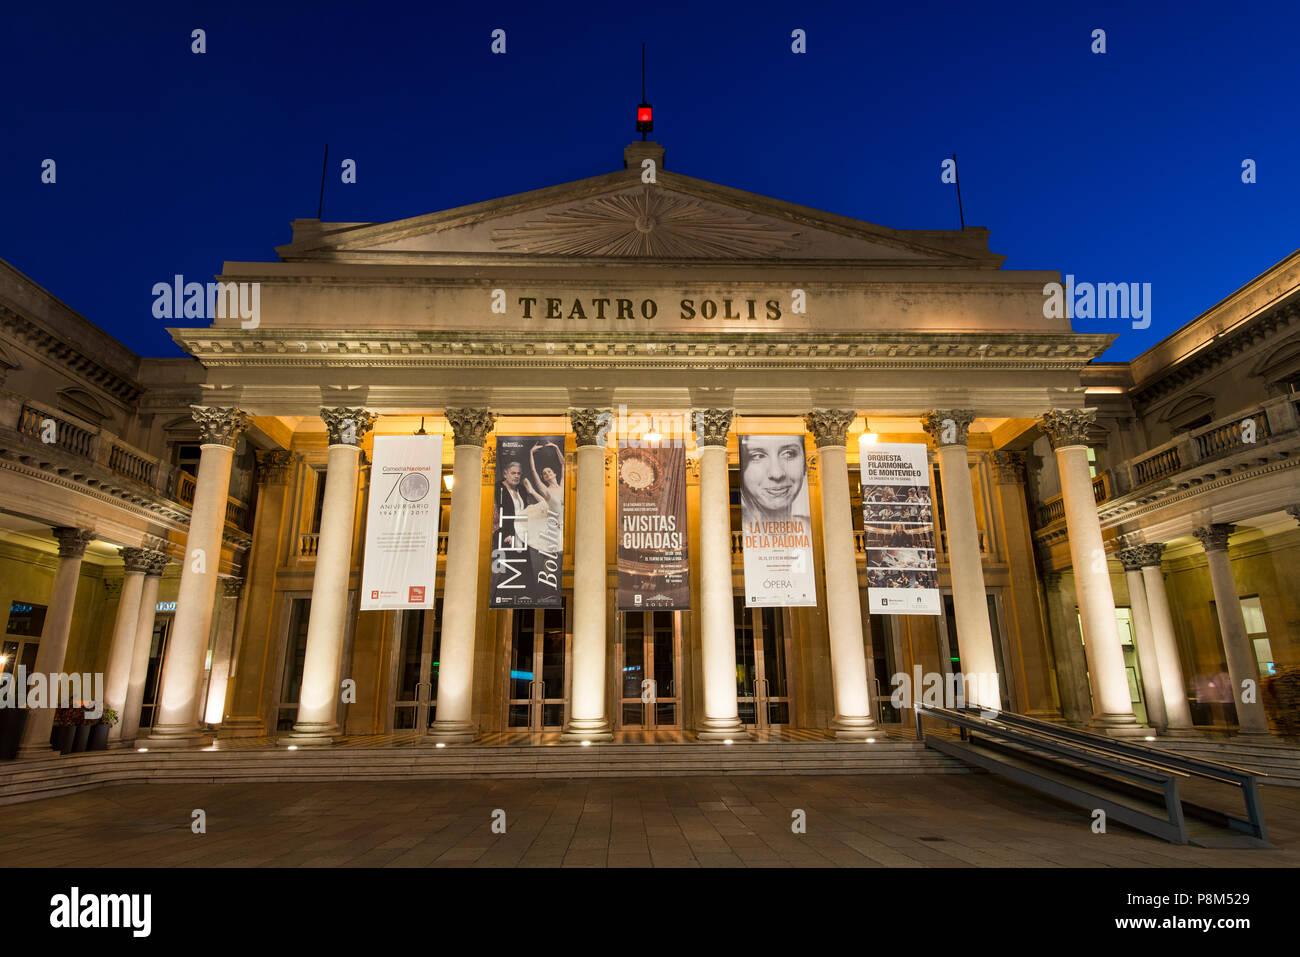 Teatro Solis, Theatre, at night, Montevideo, Uruguay - Stock Image